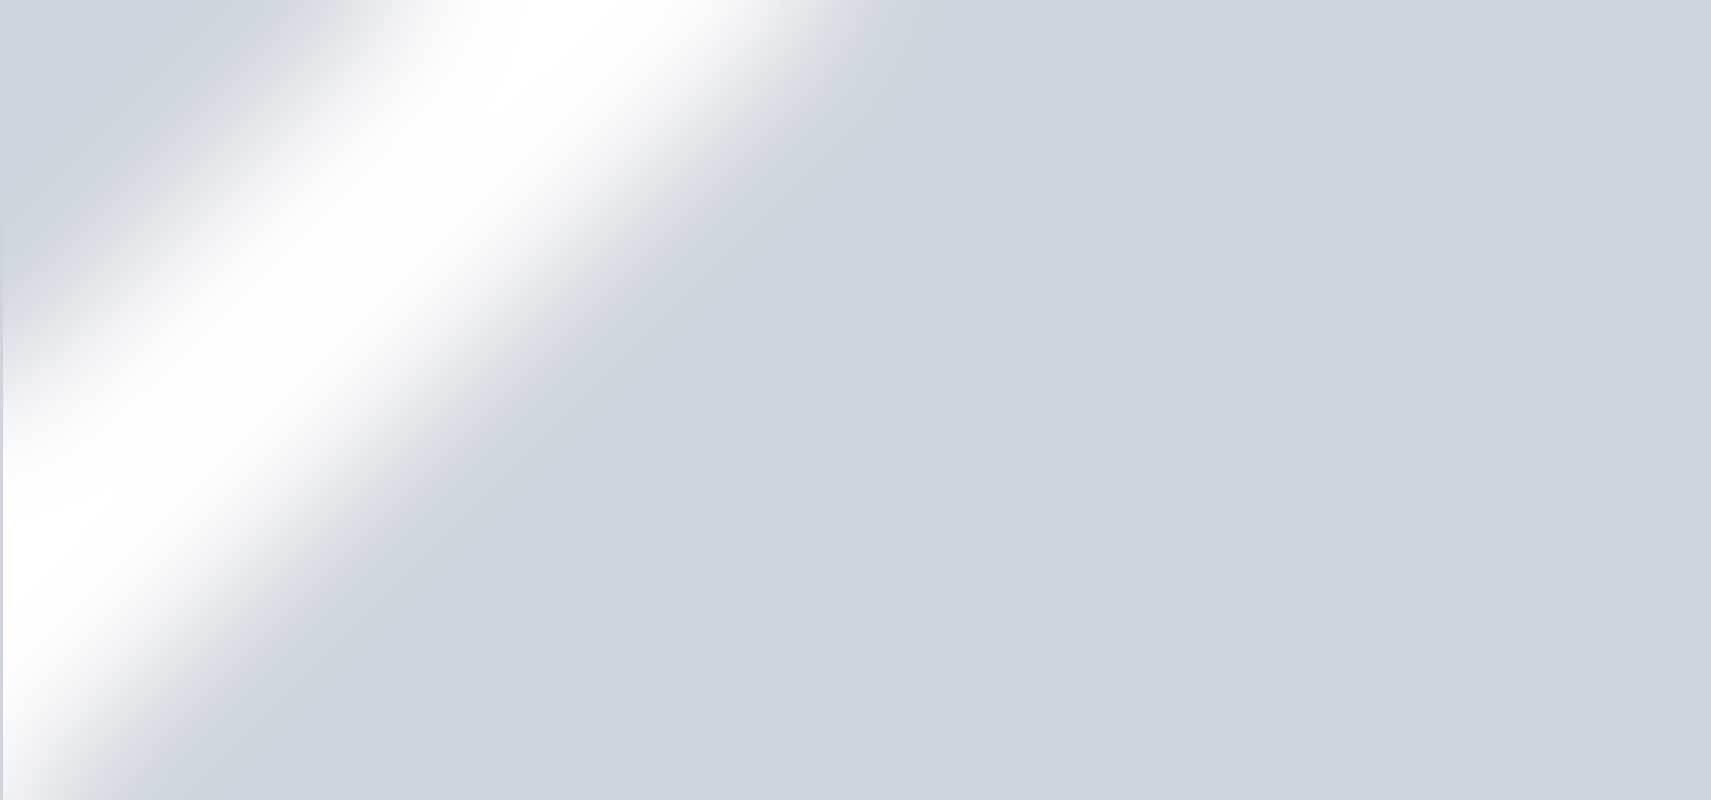 Aduis Acryliic Acrylfarbe - 500 ml, silber